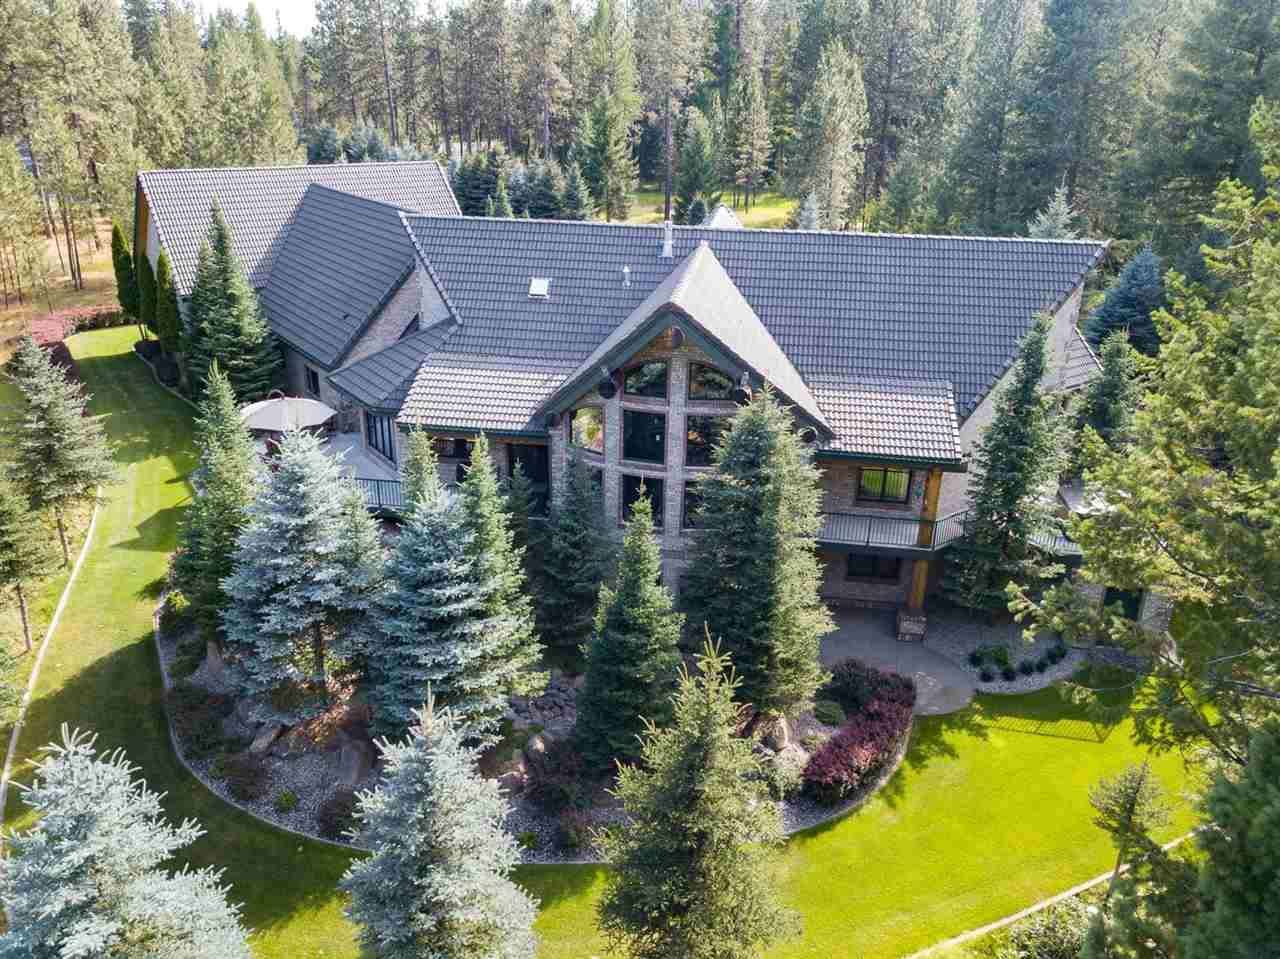 Single Family Home for Sale at 1625 E Half Moon Lake Lane 1625 E Half Moon Lake Lane Colbert, Washington 99005 United States